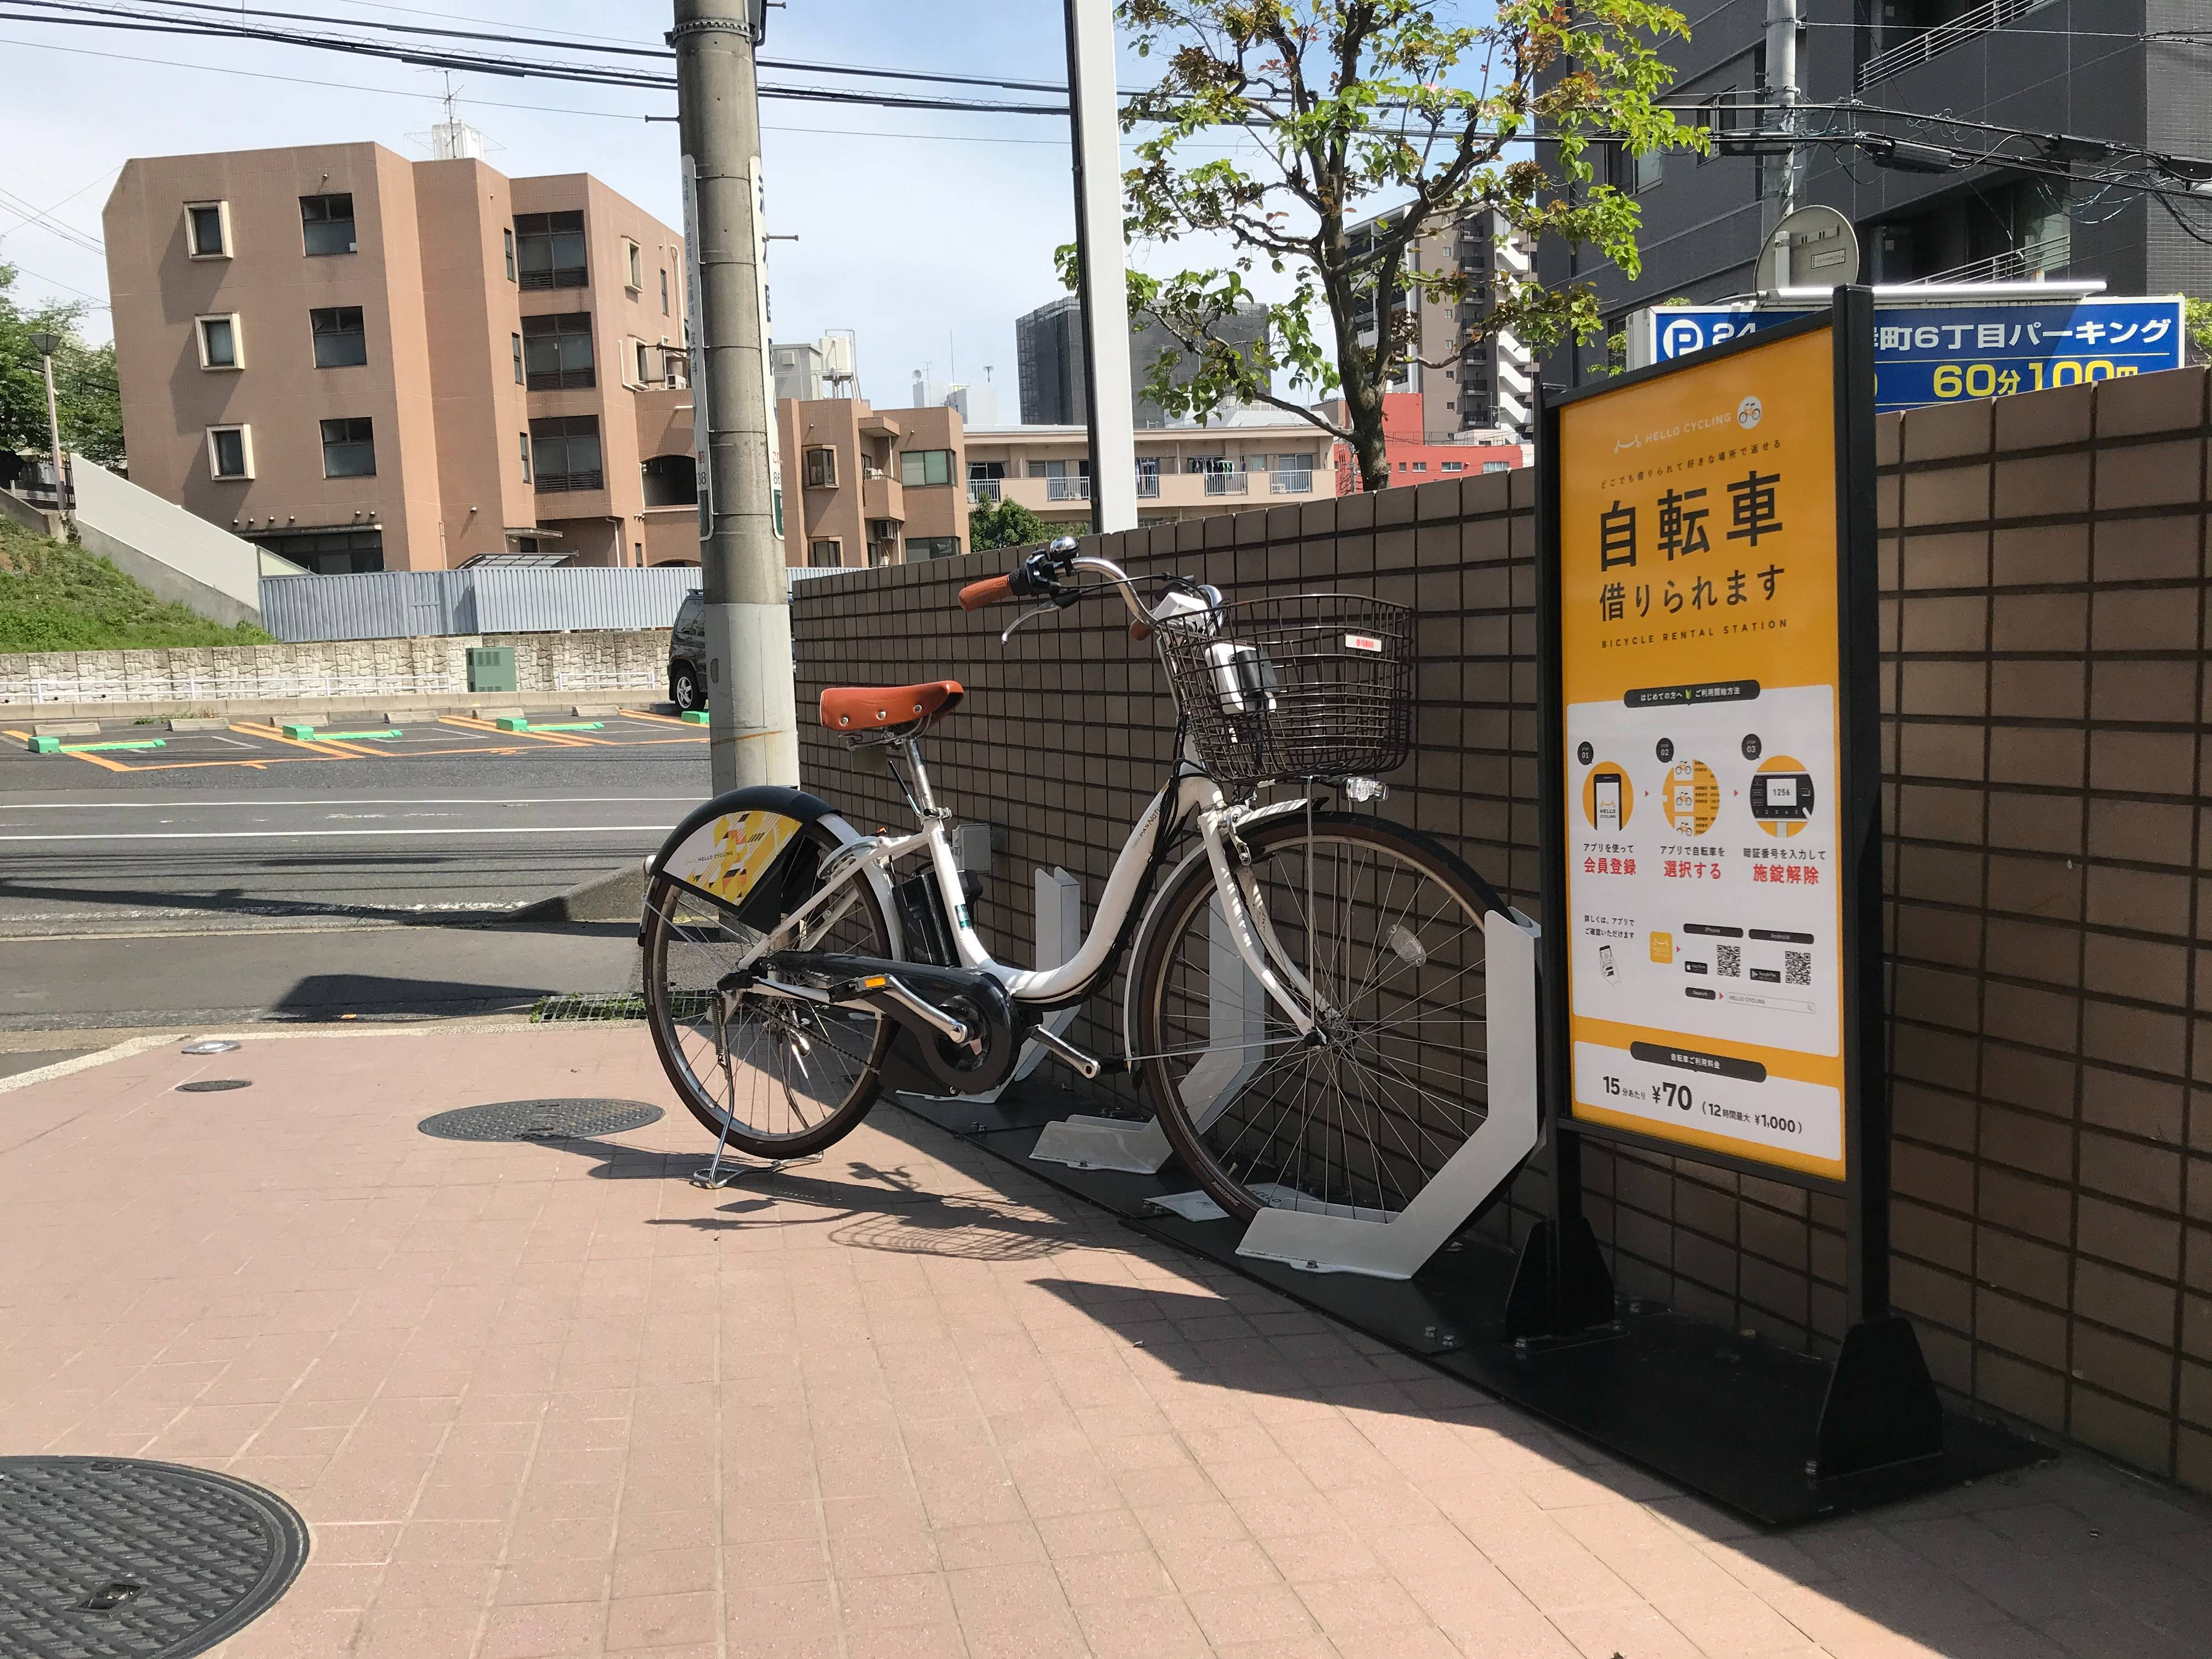 さいたま市教育研究所 (HELLO CYCLING ポート) image